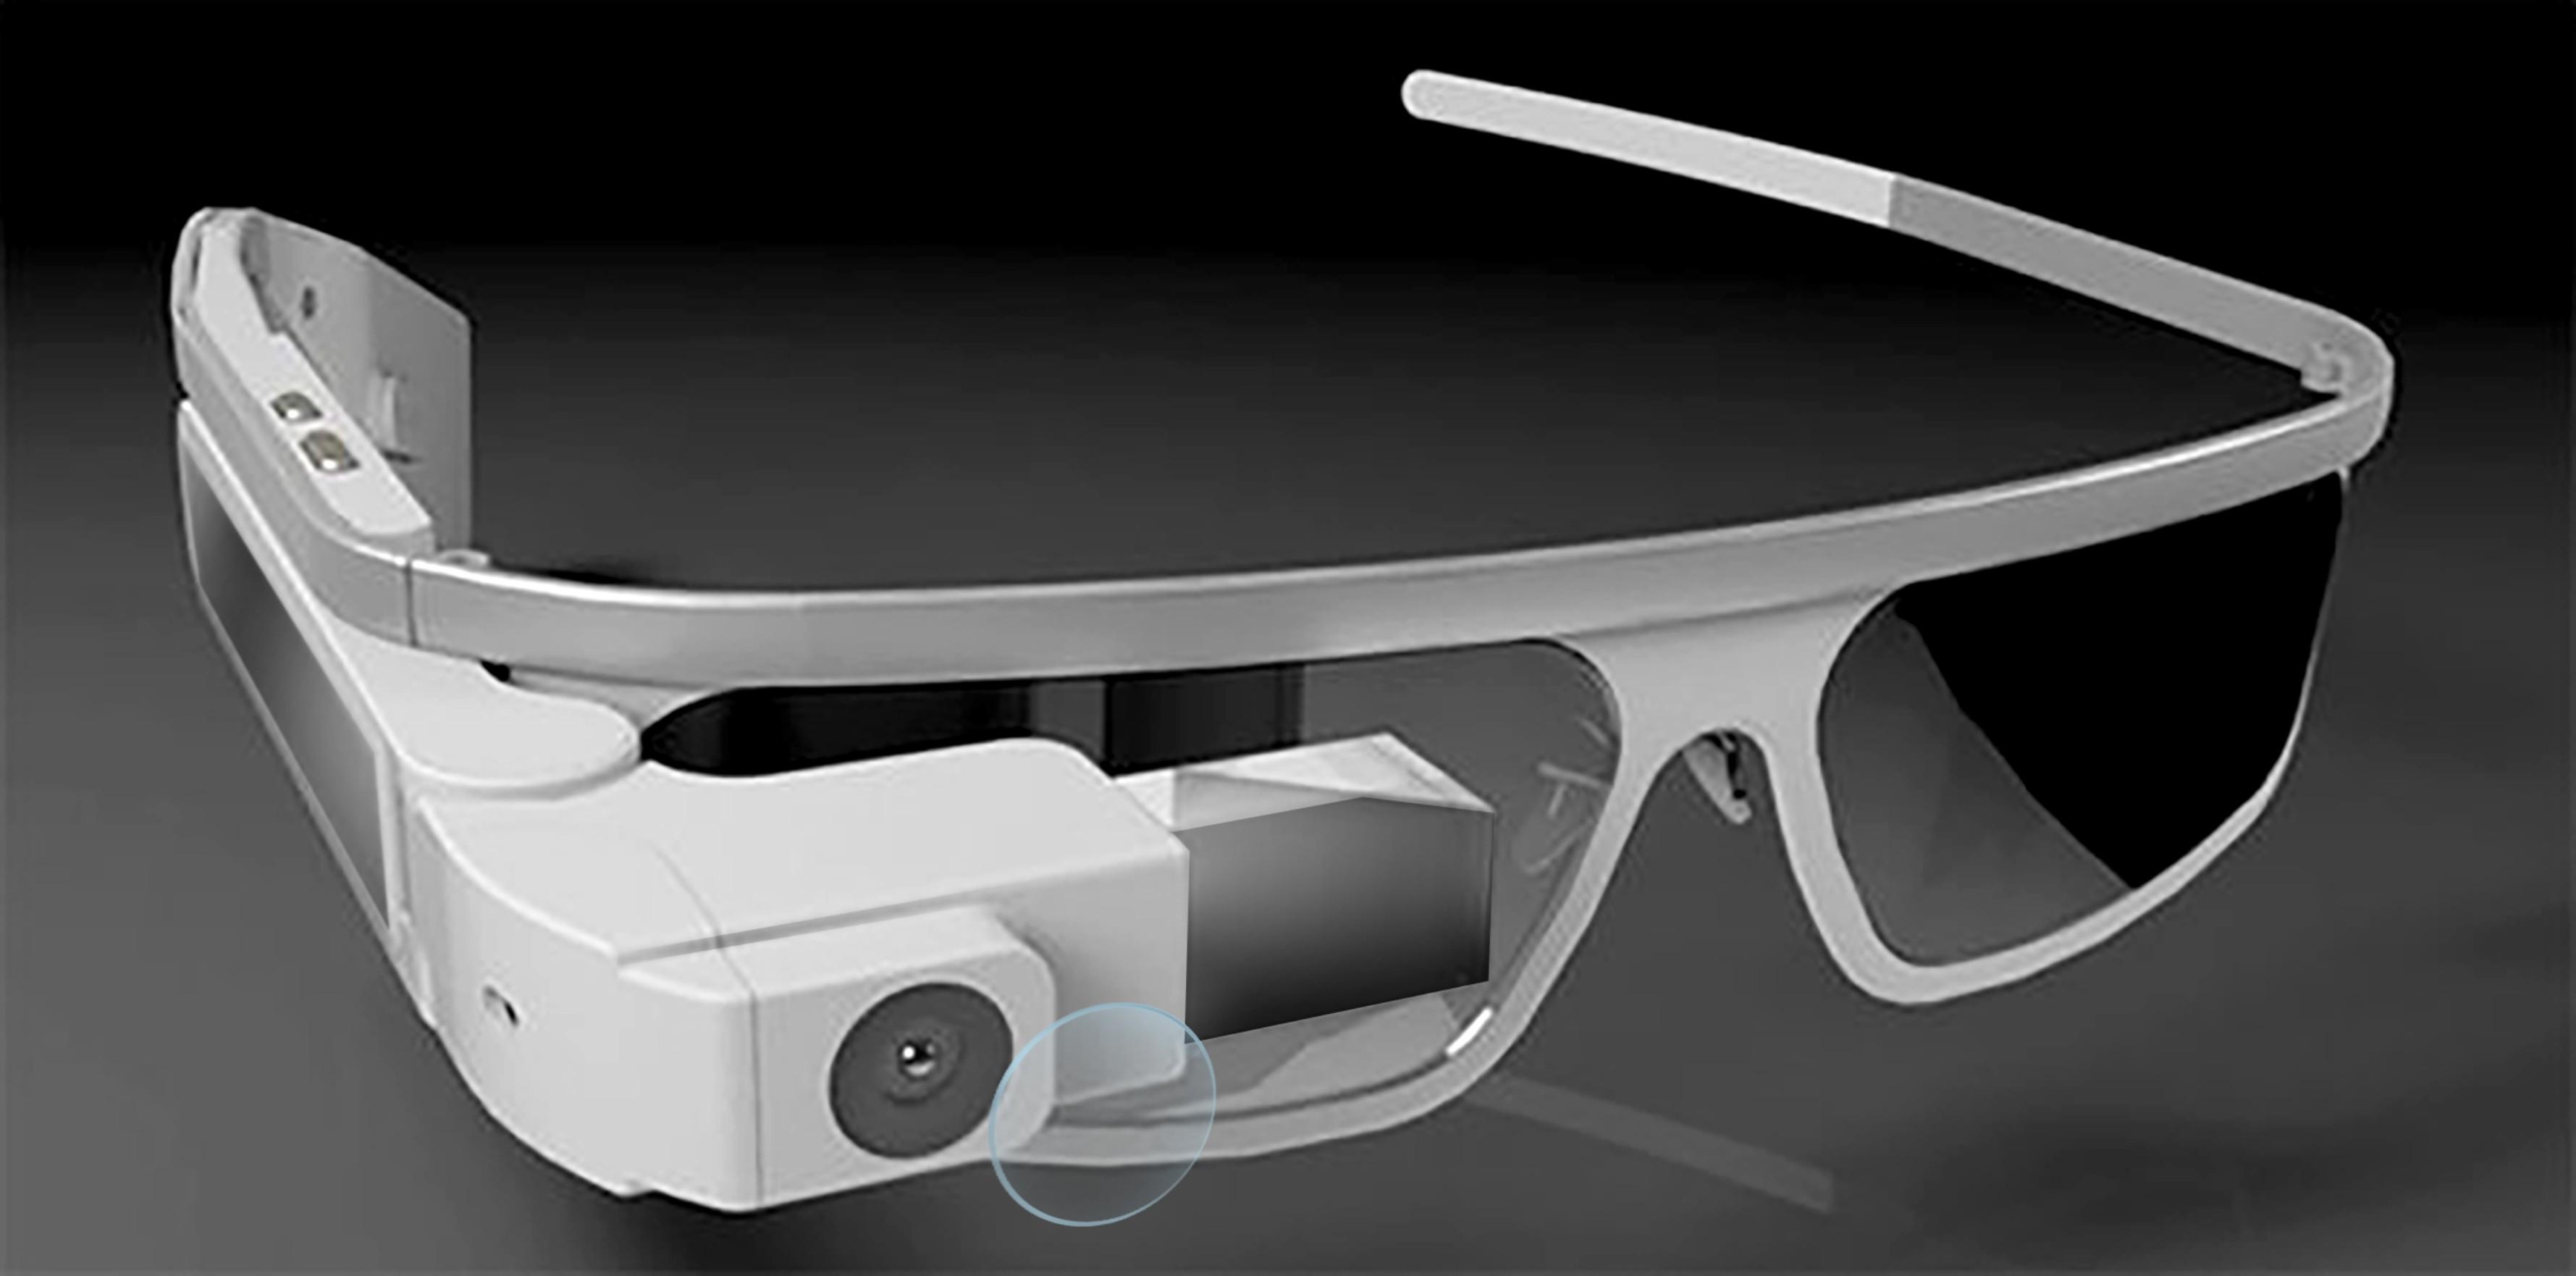 VR眼镜镜头镜片